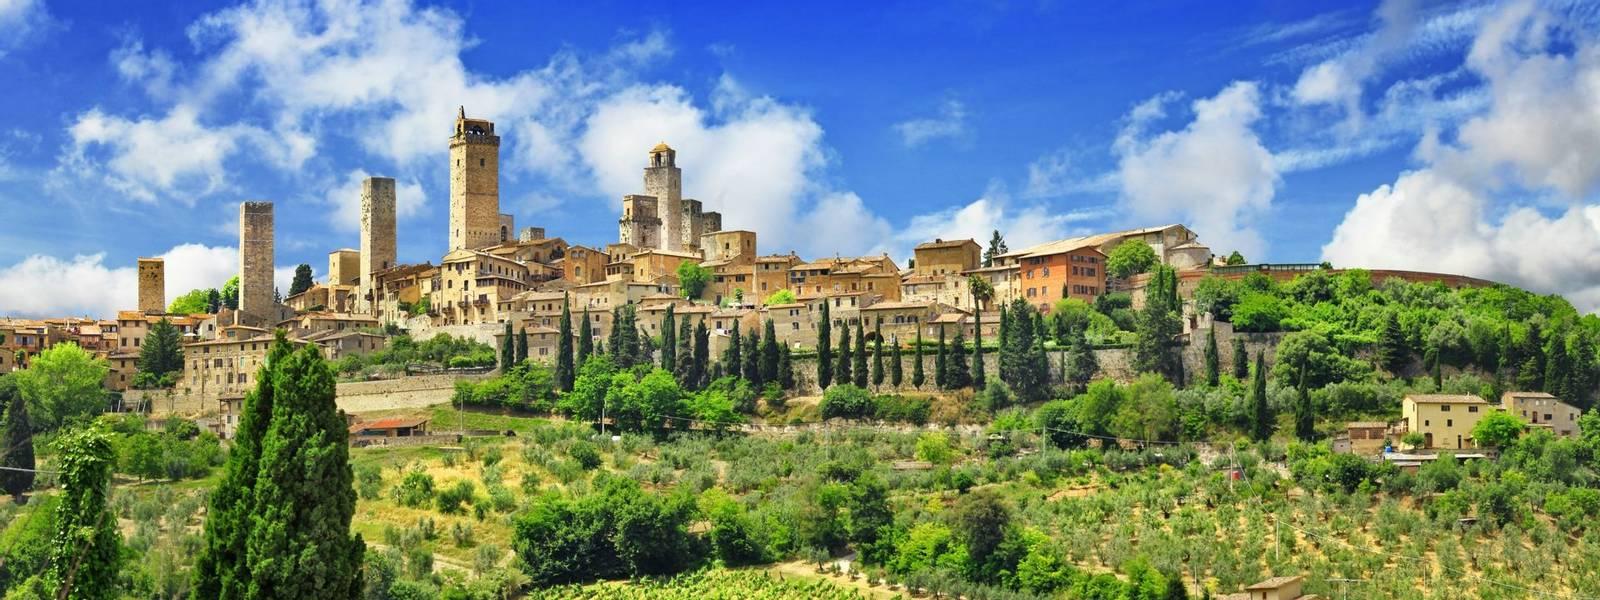 panorama of beautiful San Gimignano, Tuscany. Italy